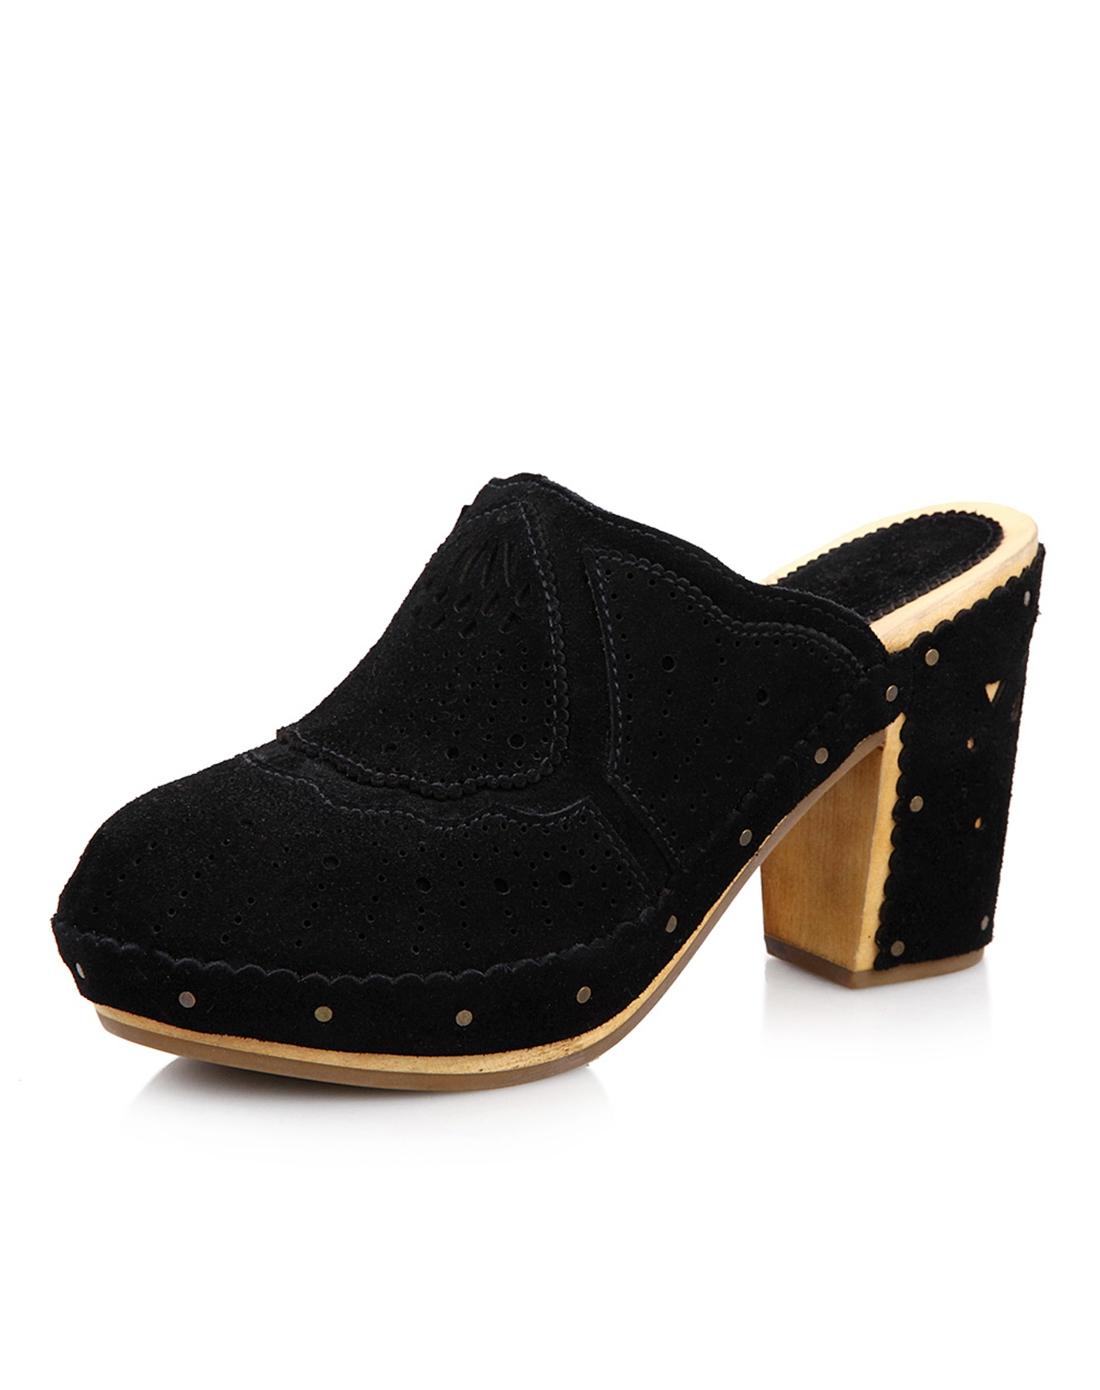 ash 黑色牛反毛镂空花纹凉鞋